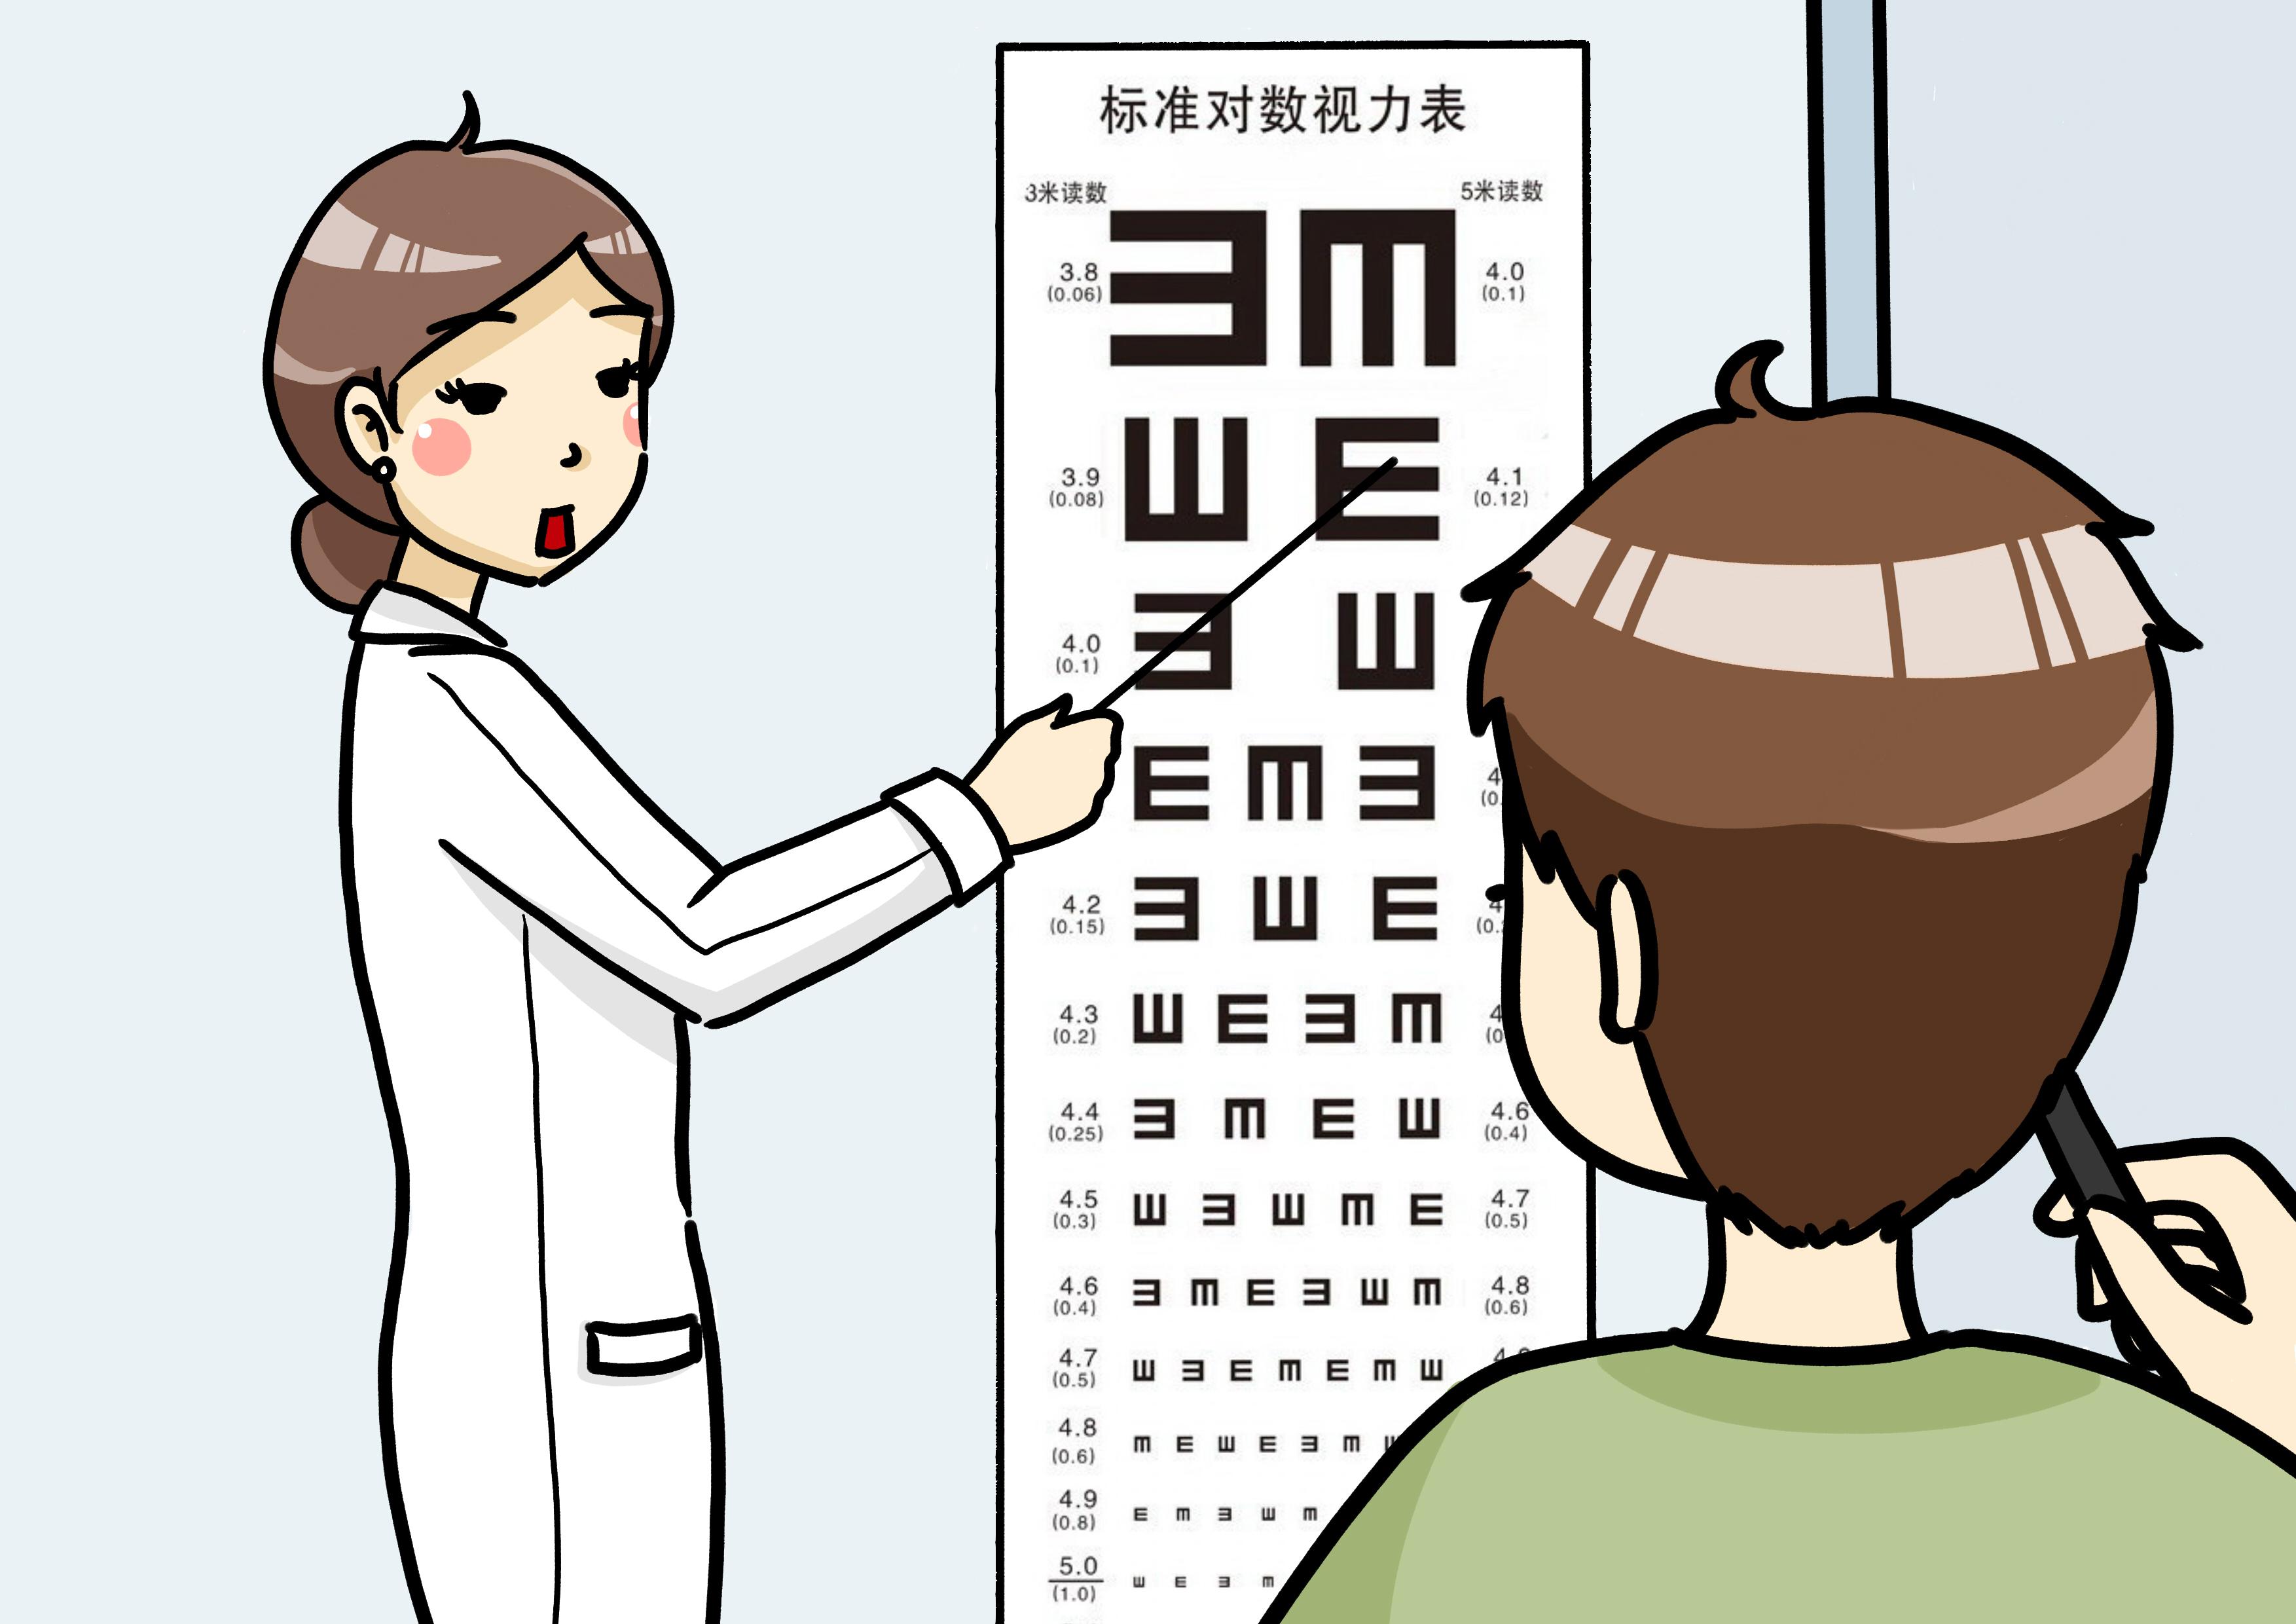 为什么建议框架眼镜 2 年左右更换一次?